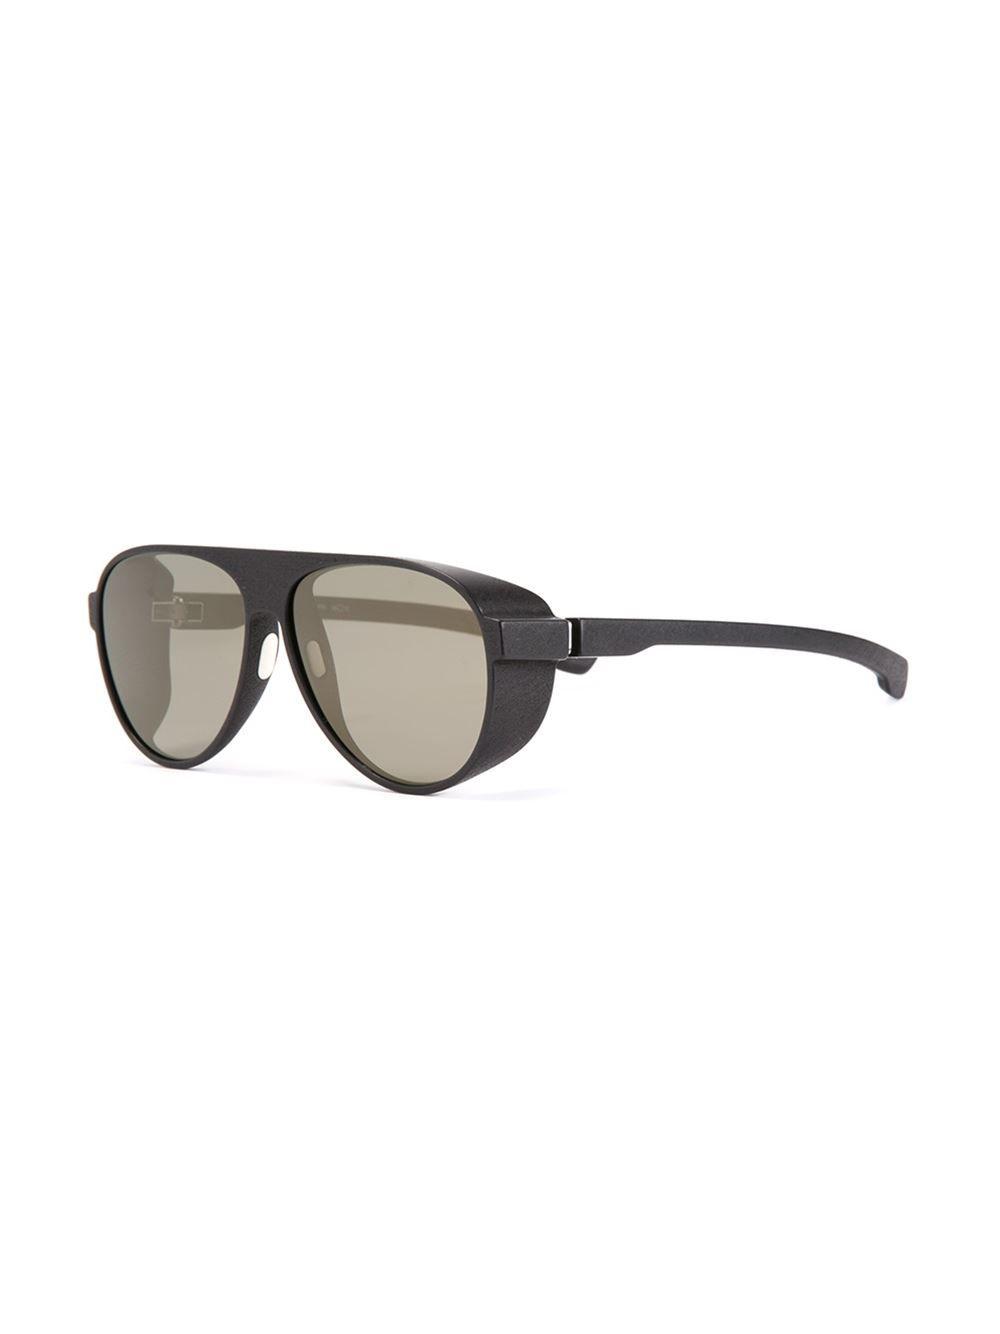 06b1a362cc74 Mykita 'Perth' Sunglasses in 2019 | Suns Inspo | Sunglasses, Cool ...